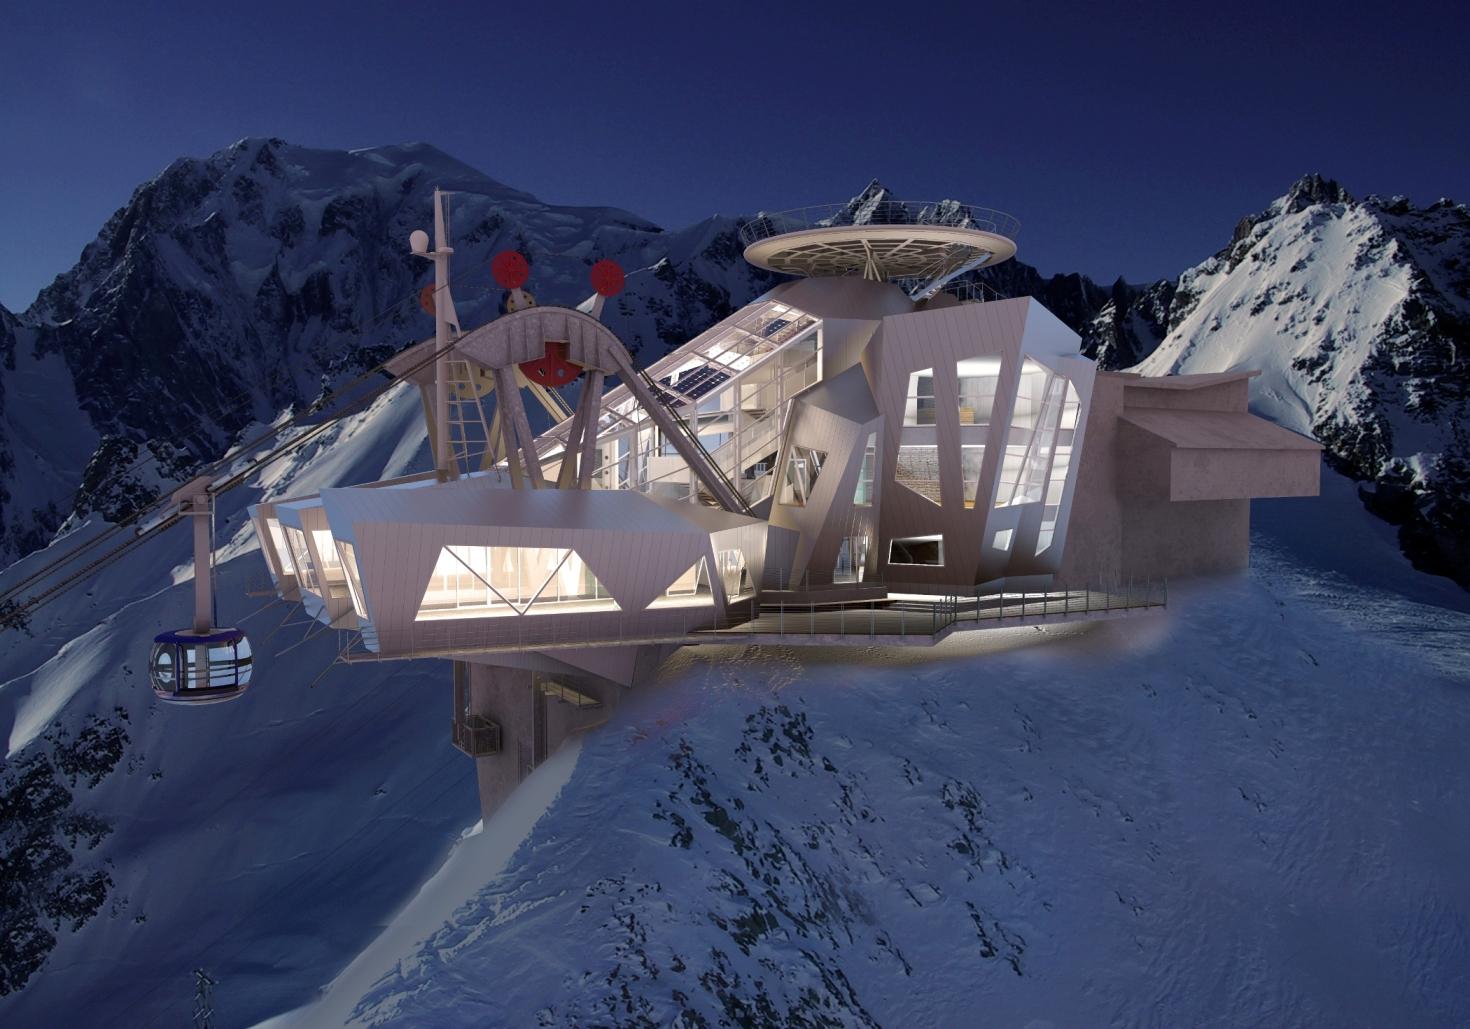 La funivia skyway monte bianco tra le novit per la for Cabine di pesca nel ghiaccio alberta